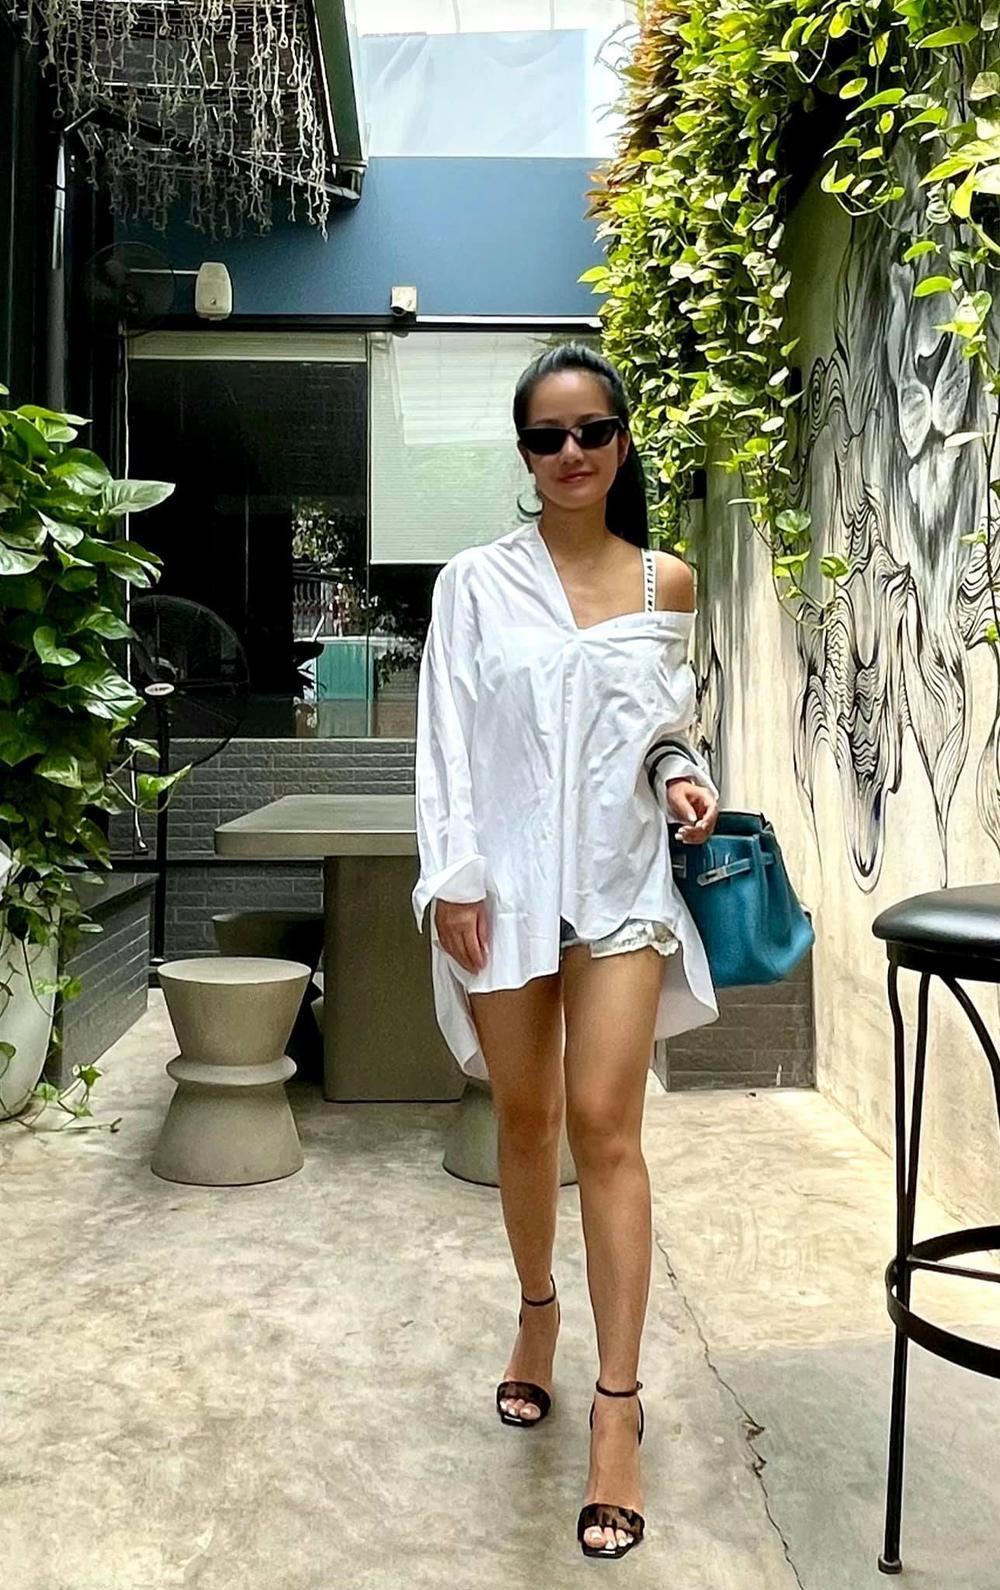 Diva Hồng Nhung 'cưa sừng làm nghé' với style giấu quần, khoe đôi chân nuột không cần photoshop Ảnh 1